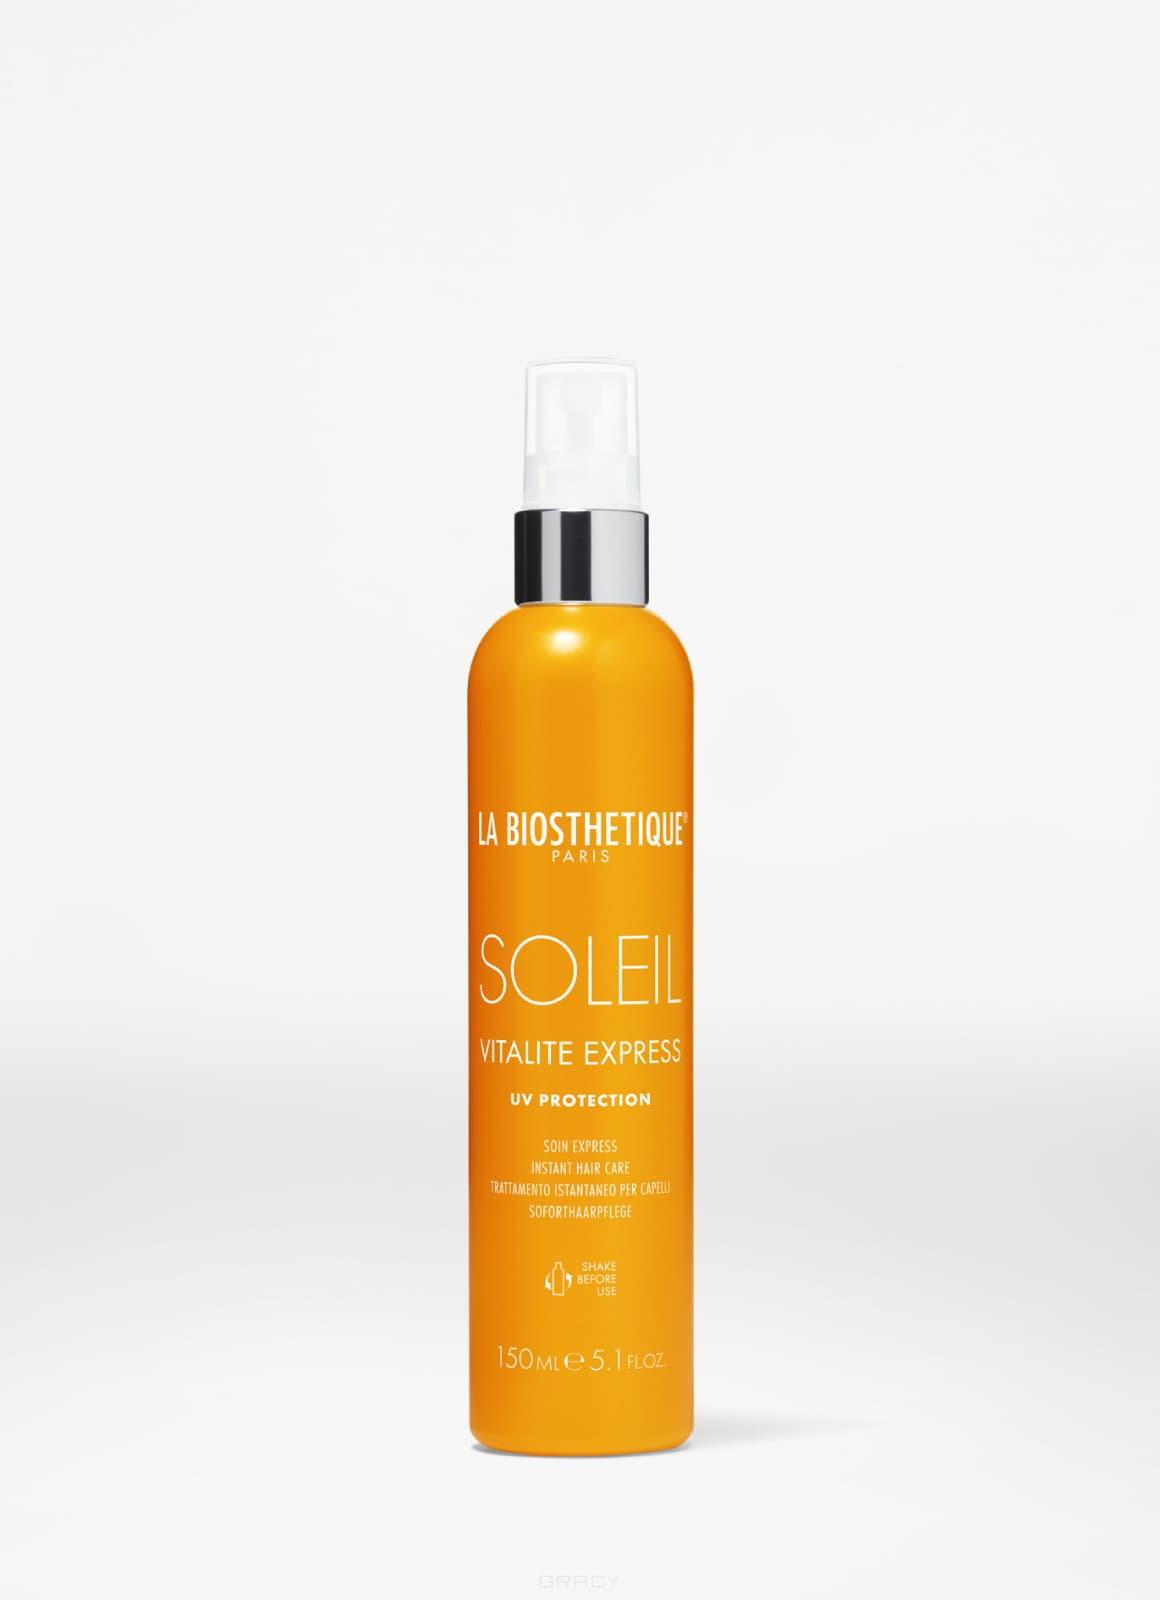 Спрей-кондиционер с водостойким УФ-фильтром, восстанавливающий структуру волос Methode Soleil Vitalite Express Soleil, 150 мл восстанавливающий кремкондиционер с уфзащитой для поврежденных солнцем волос 125 мл labiosthetique methode soleil